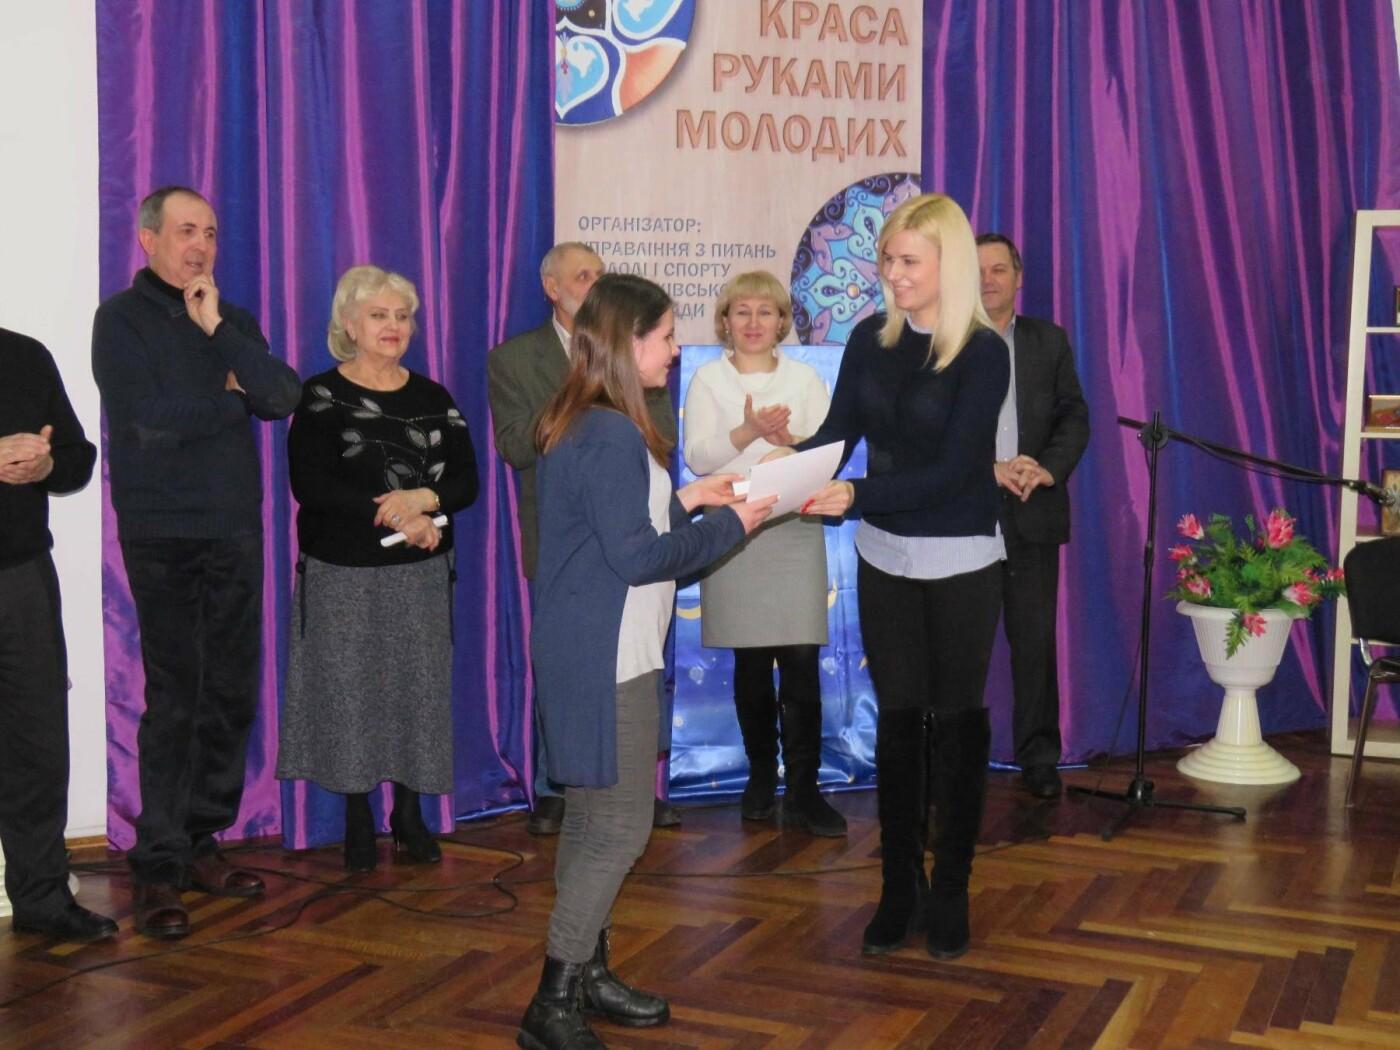 У Білій Церкві визначили переможців виставки-конкурсу «Краса руками молодих»